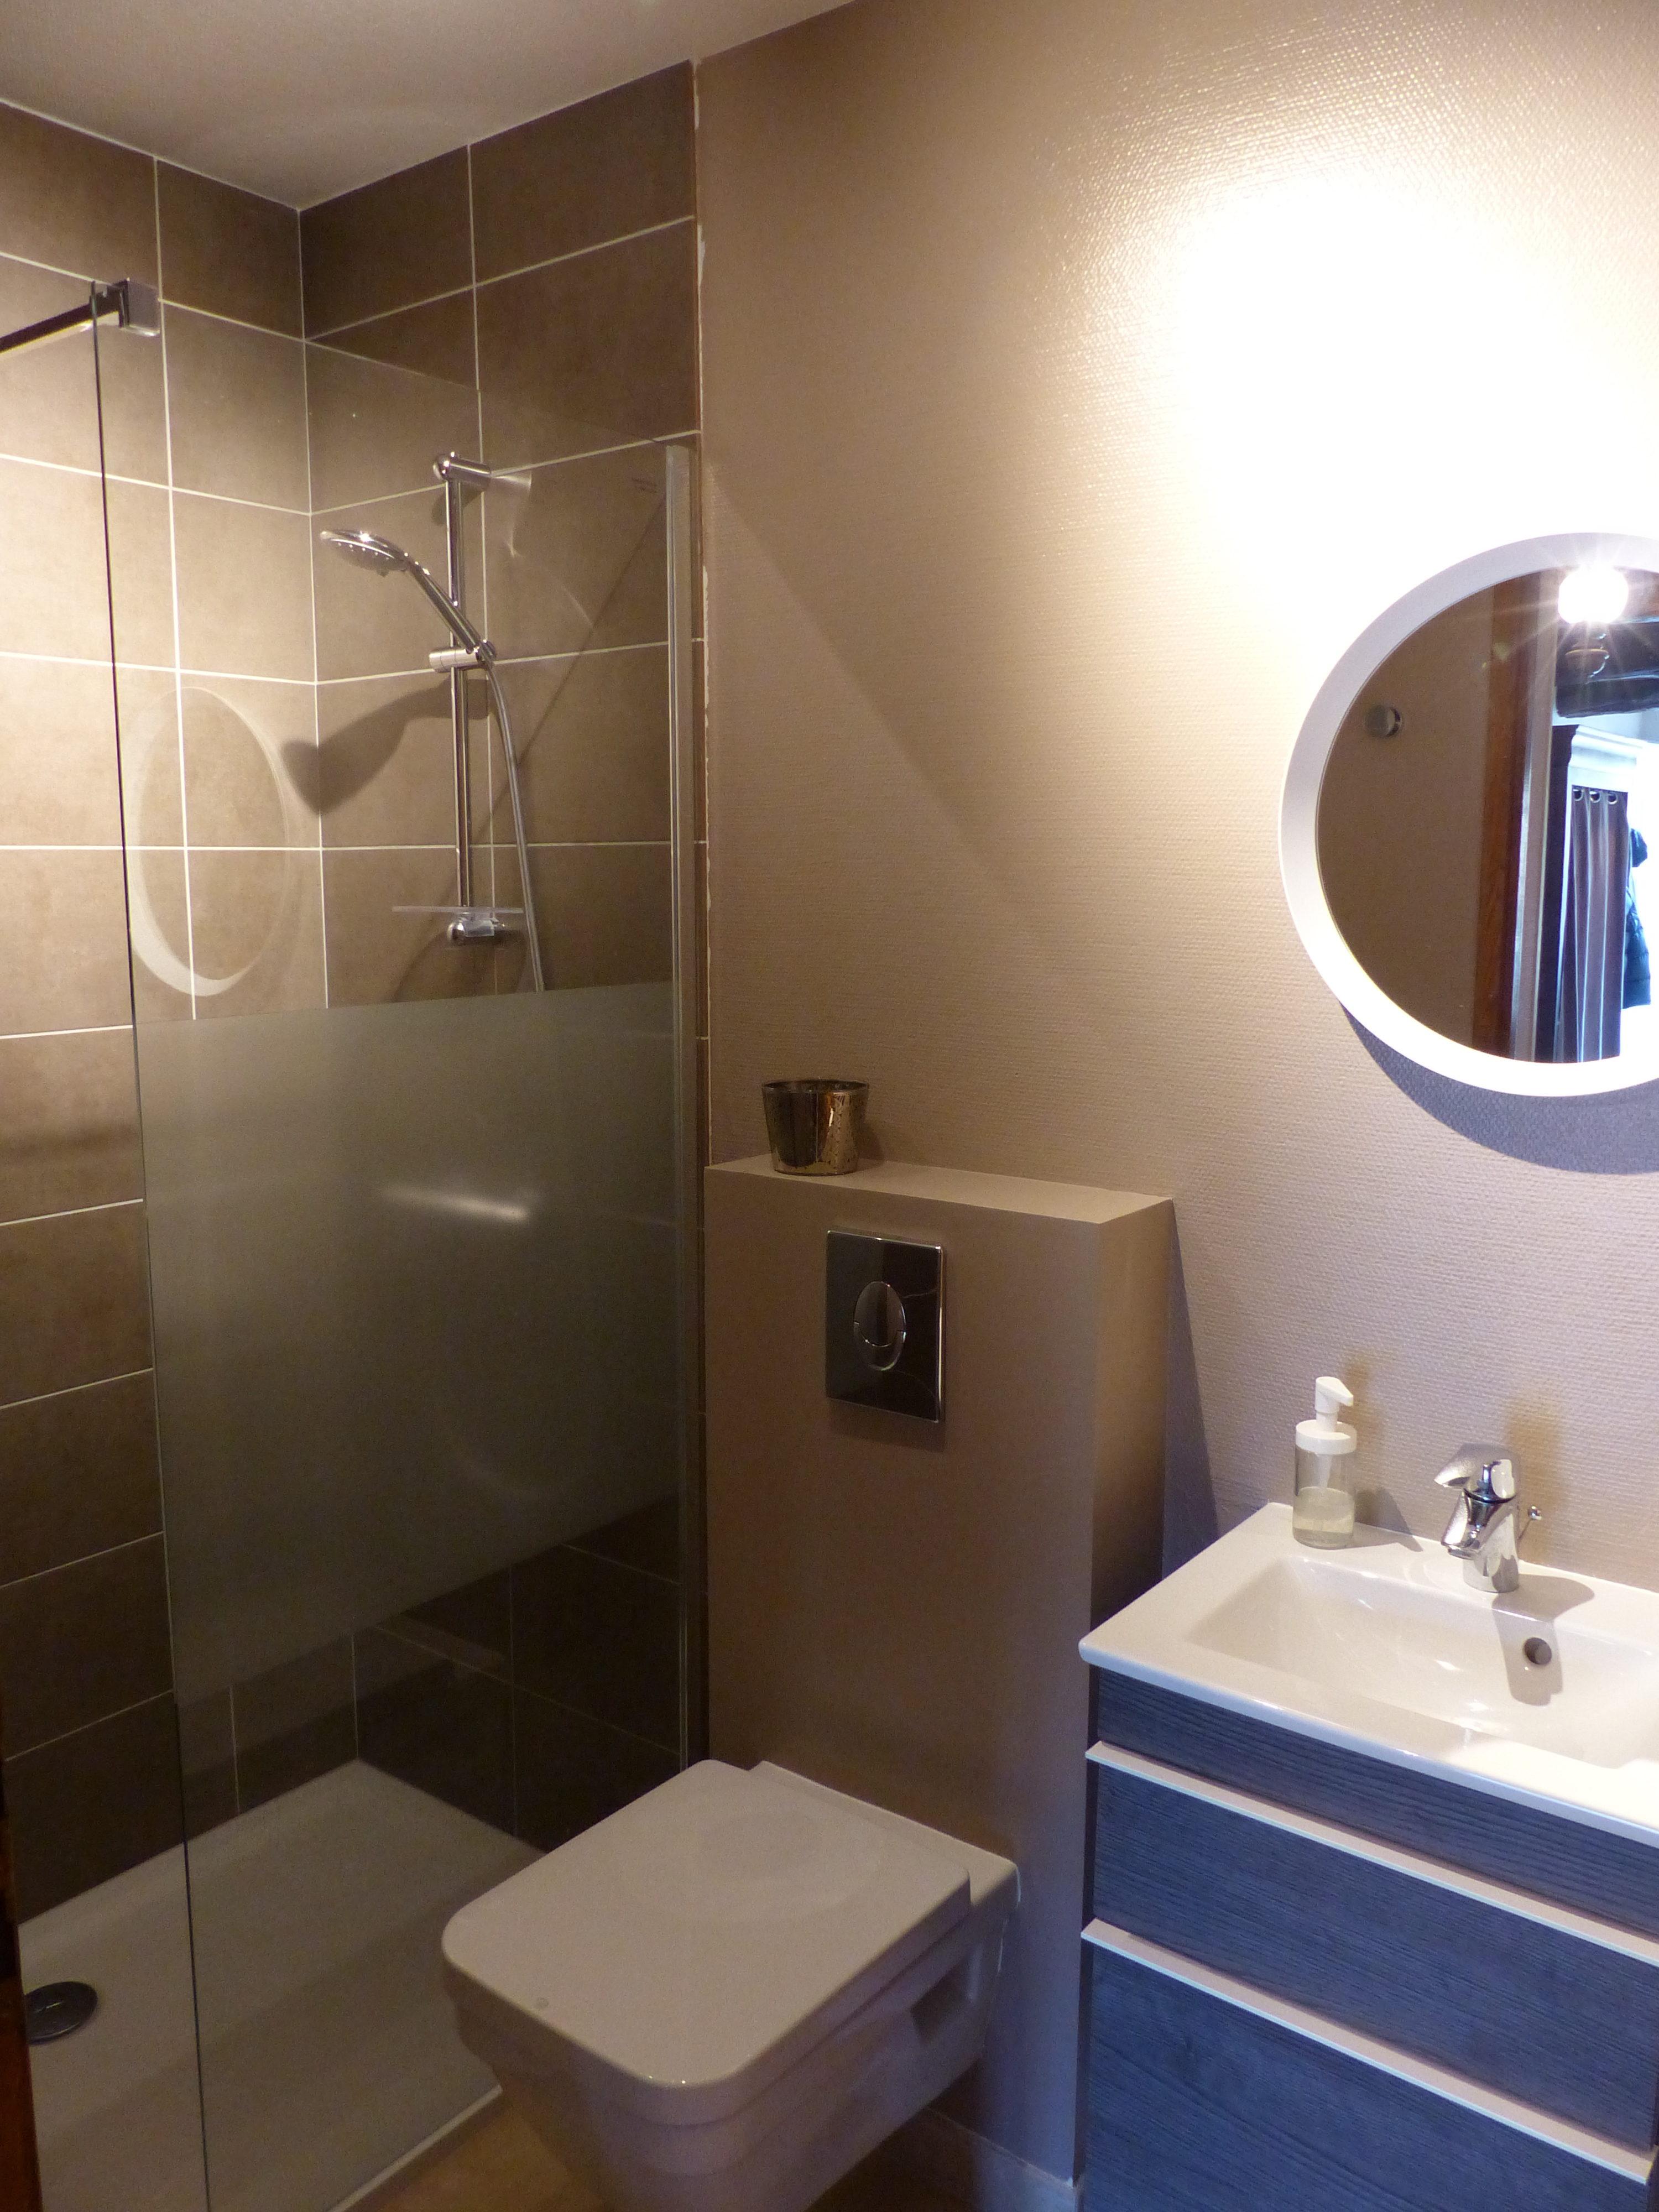 Salle De Bains Avec Douche Meuble Vasque Et Toilettes